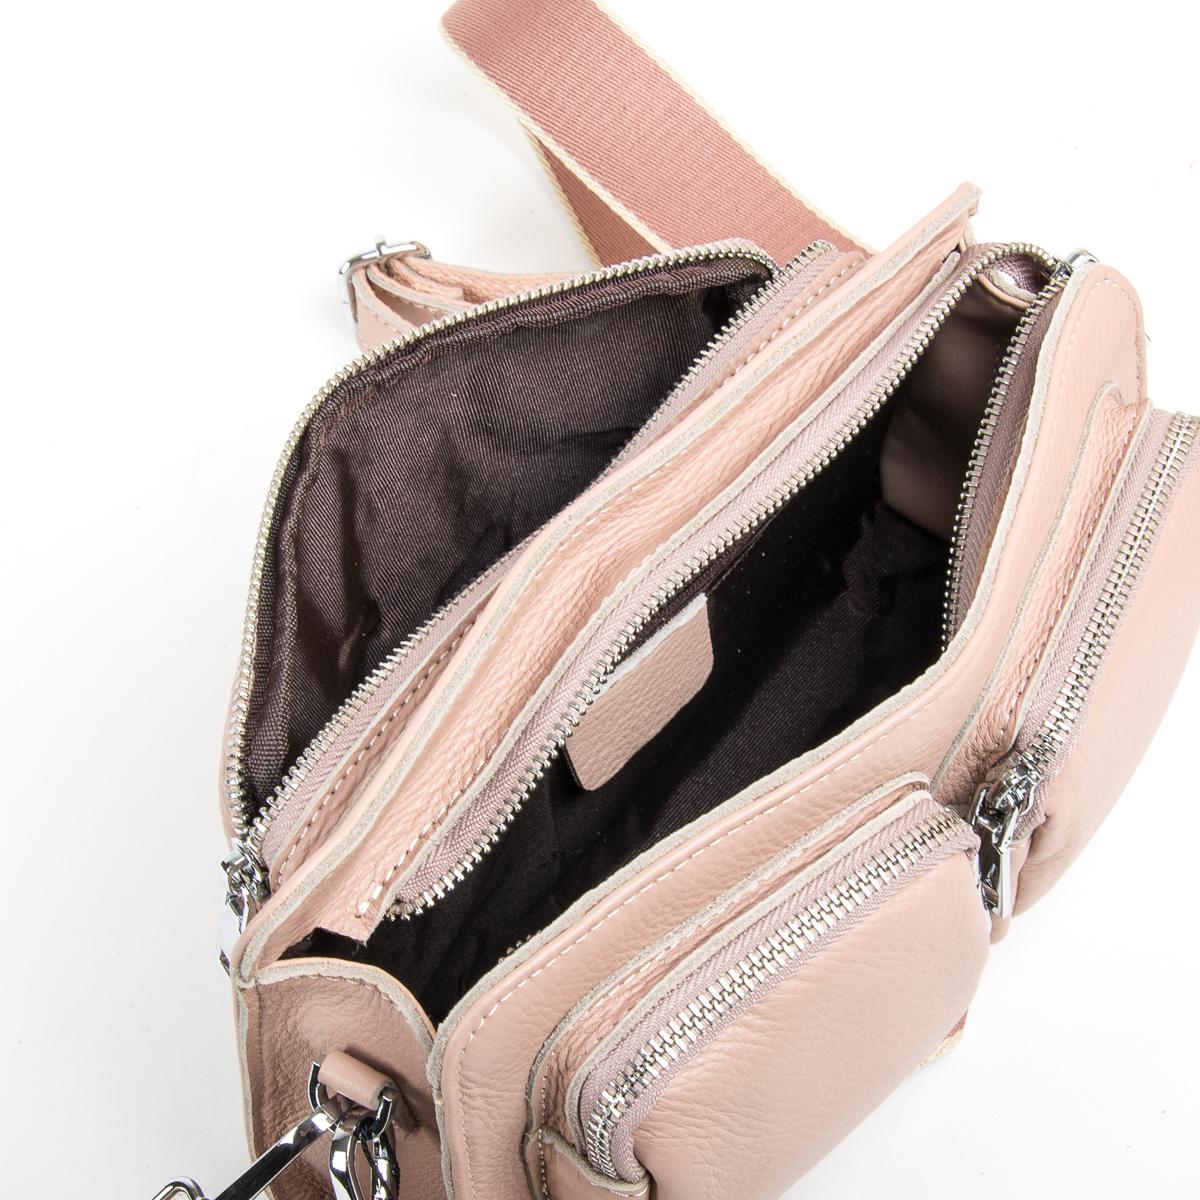 Сумка Женская Клатч кожа ALEX RAI 9-01 8785-9 pink - фото 5